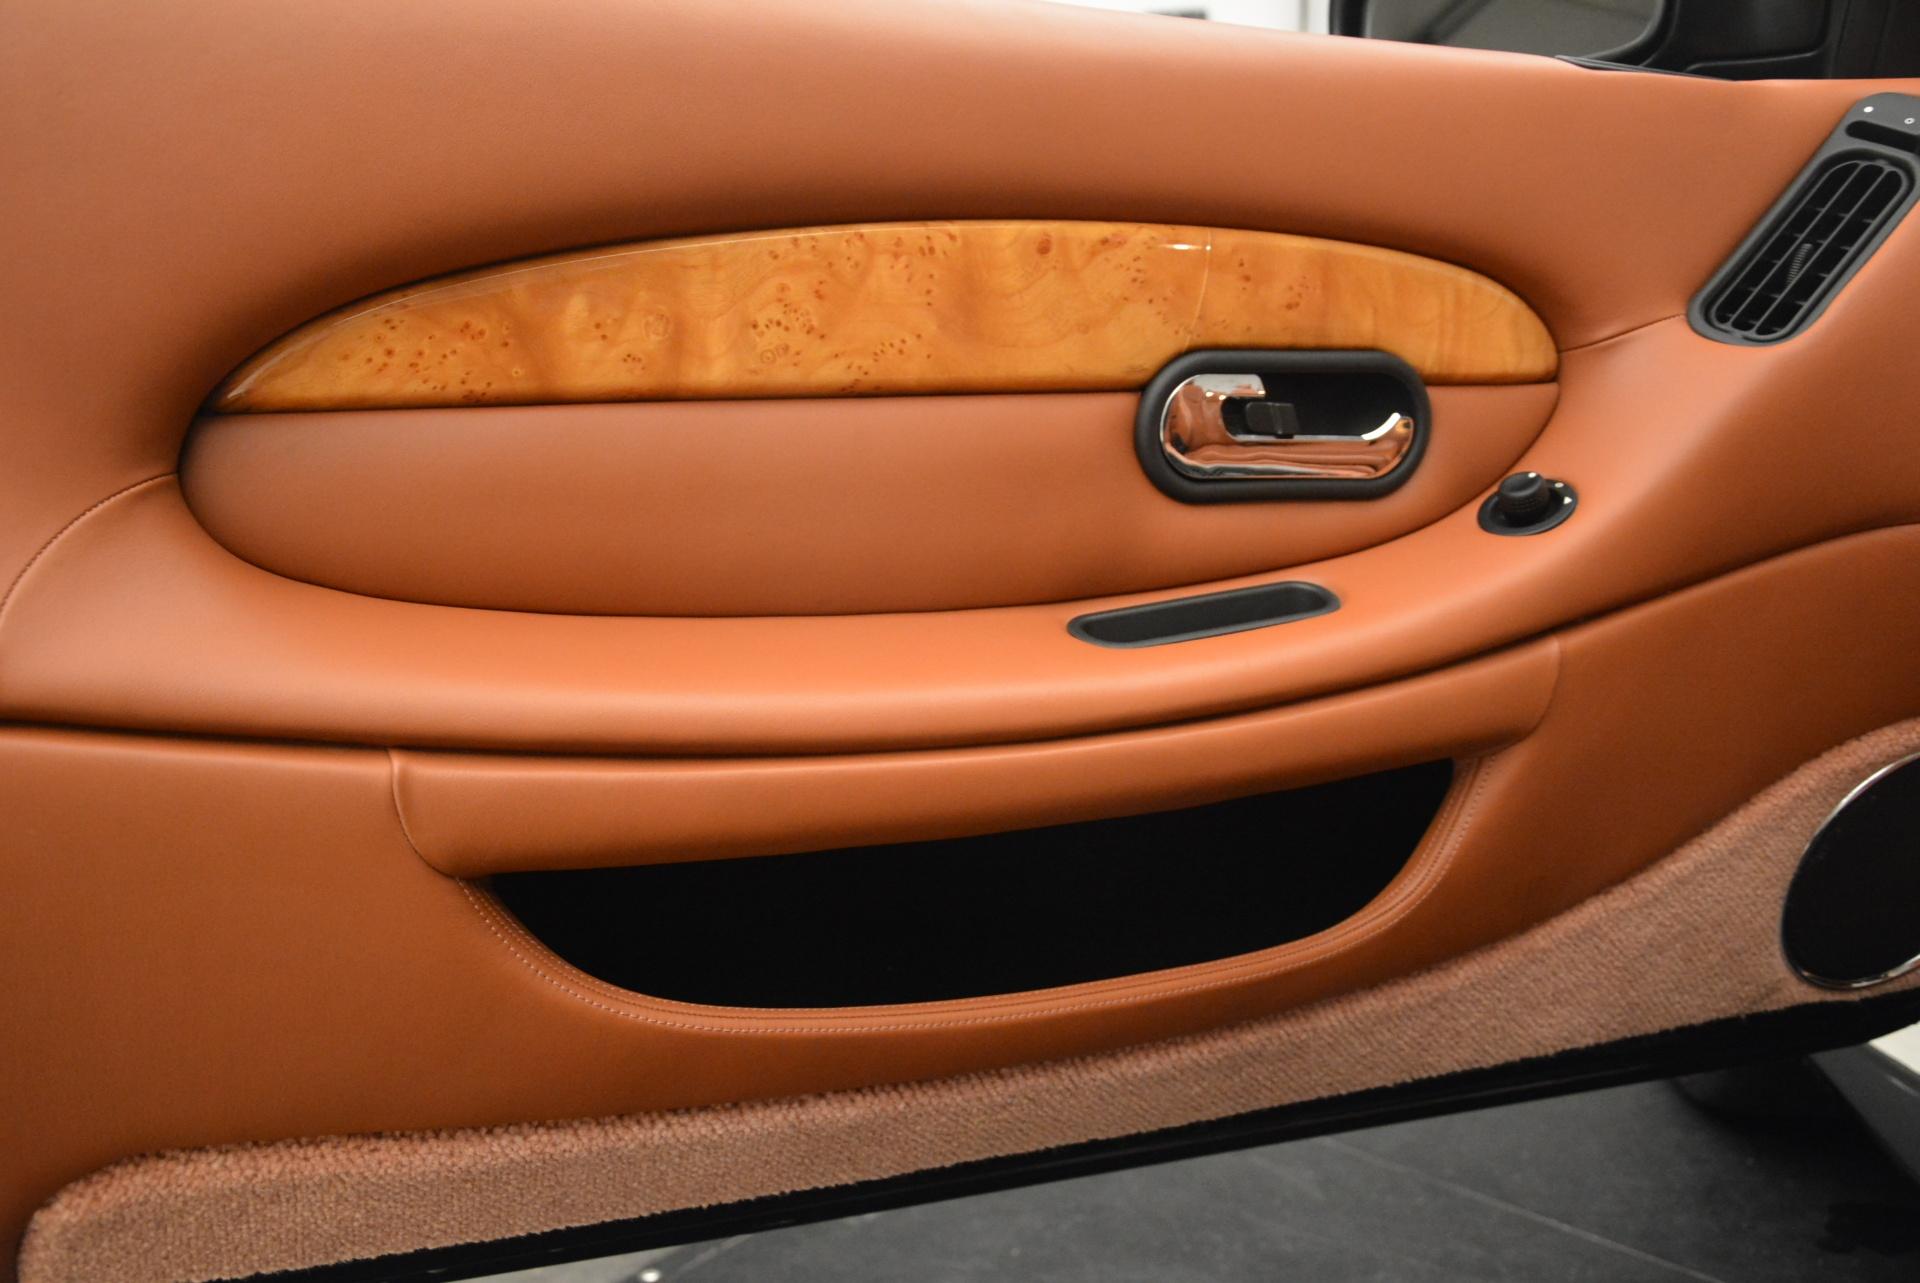 Used 2003 Aston Martin DB7 Vantage Volante For Sale In Greenwich, CT 2084_p25